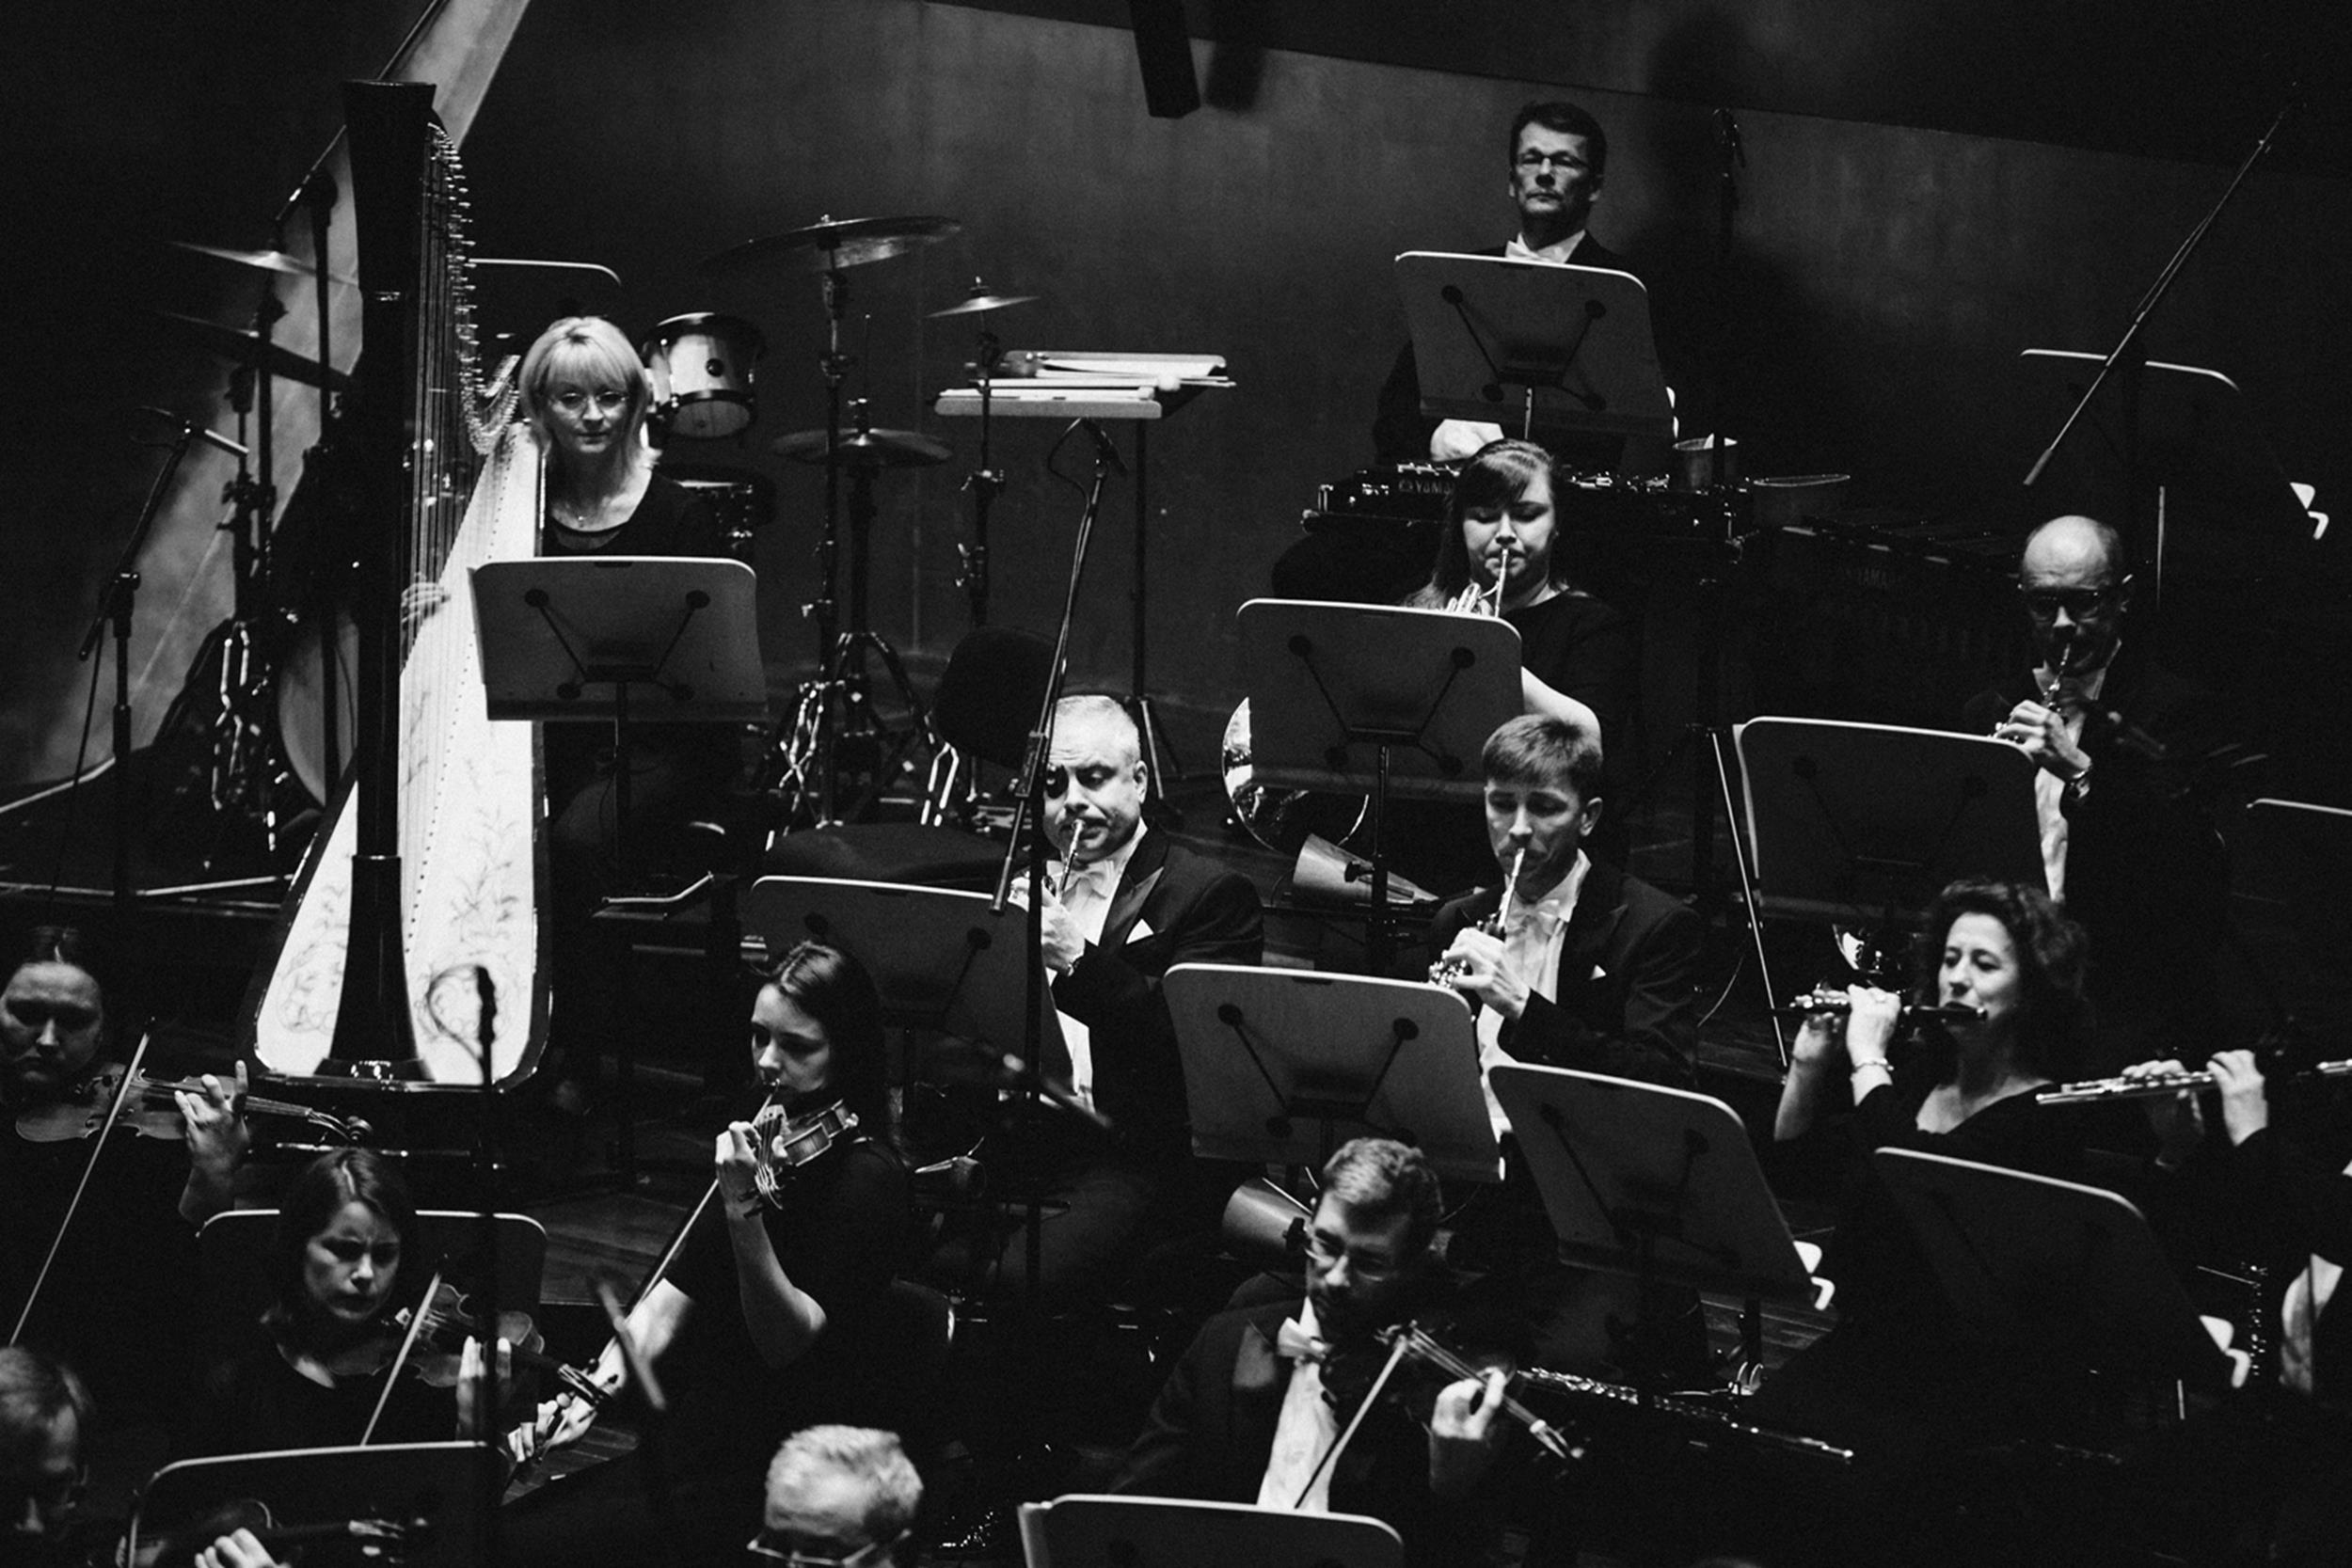 Orkiestra Filharmonii im. M Karłowicza w Szczecinie Fot. Kinga Karpati&Daniel Zarewicz PRESTIGE PORTRAIT (2)